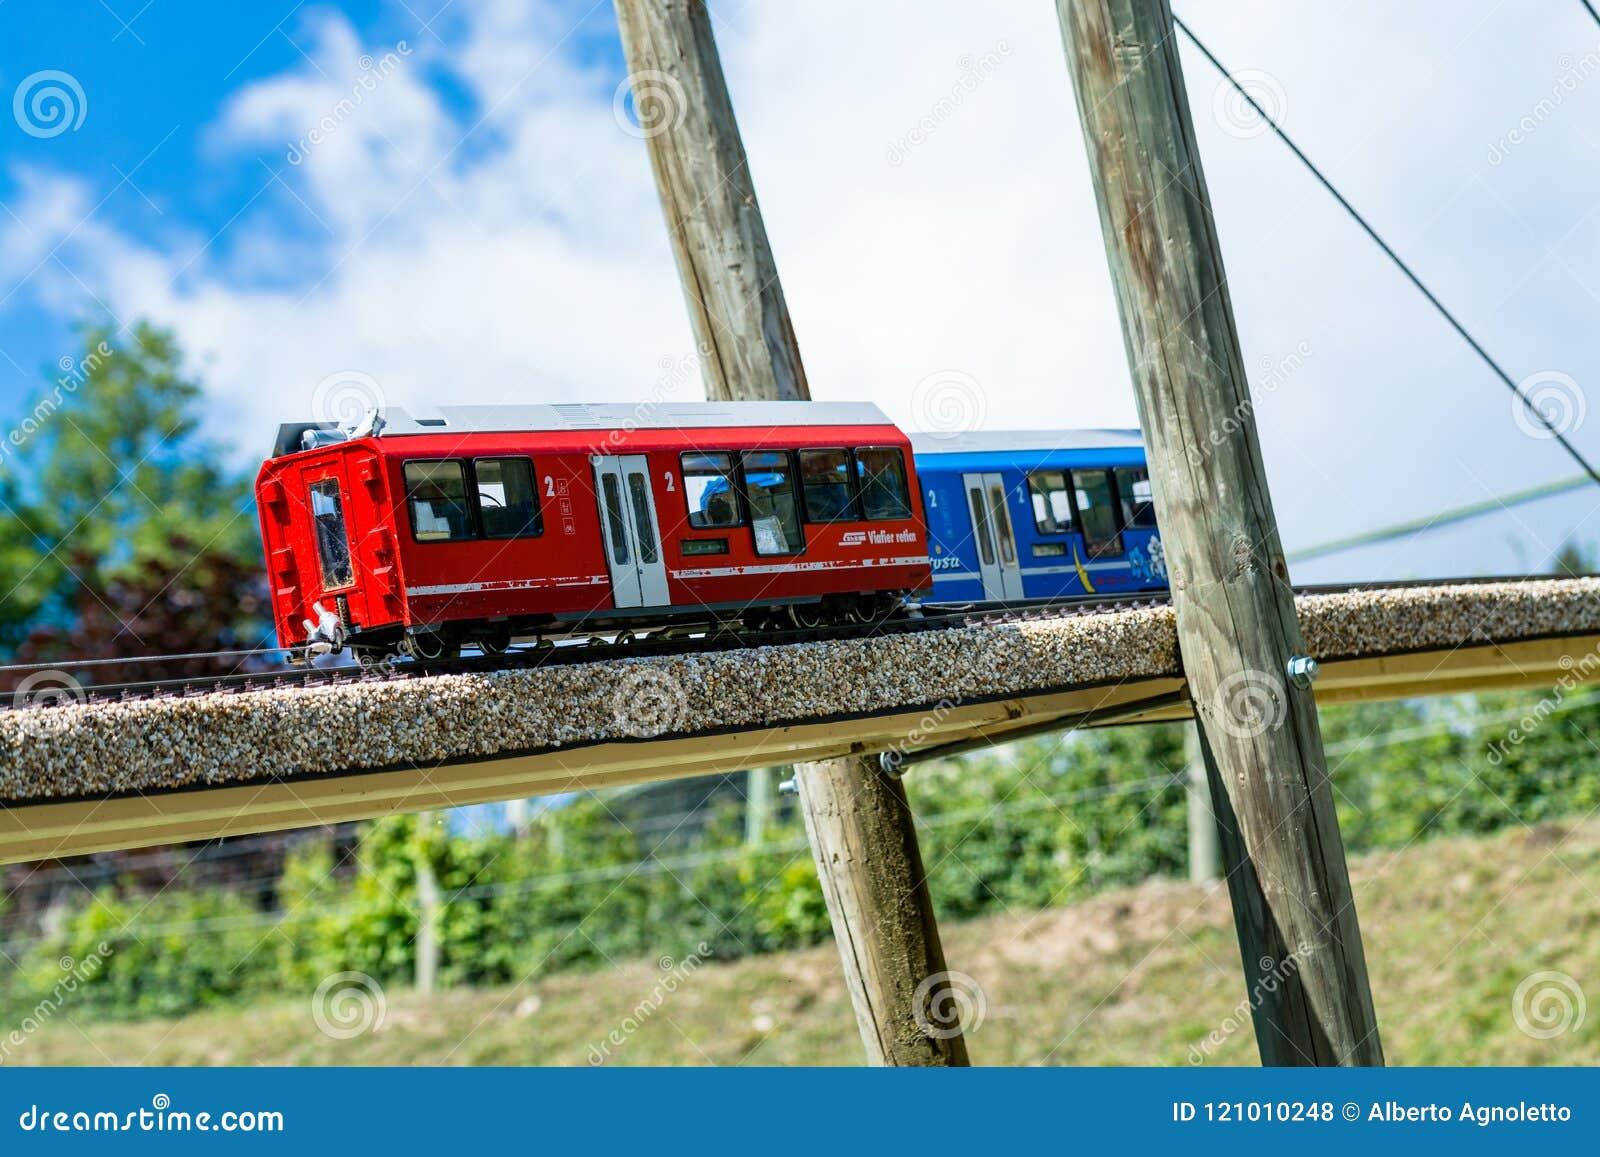 Twee stuk speelgoed locomotieven, één blauw en één rood, op een houten brug